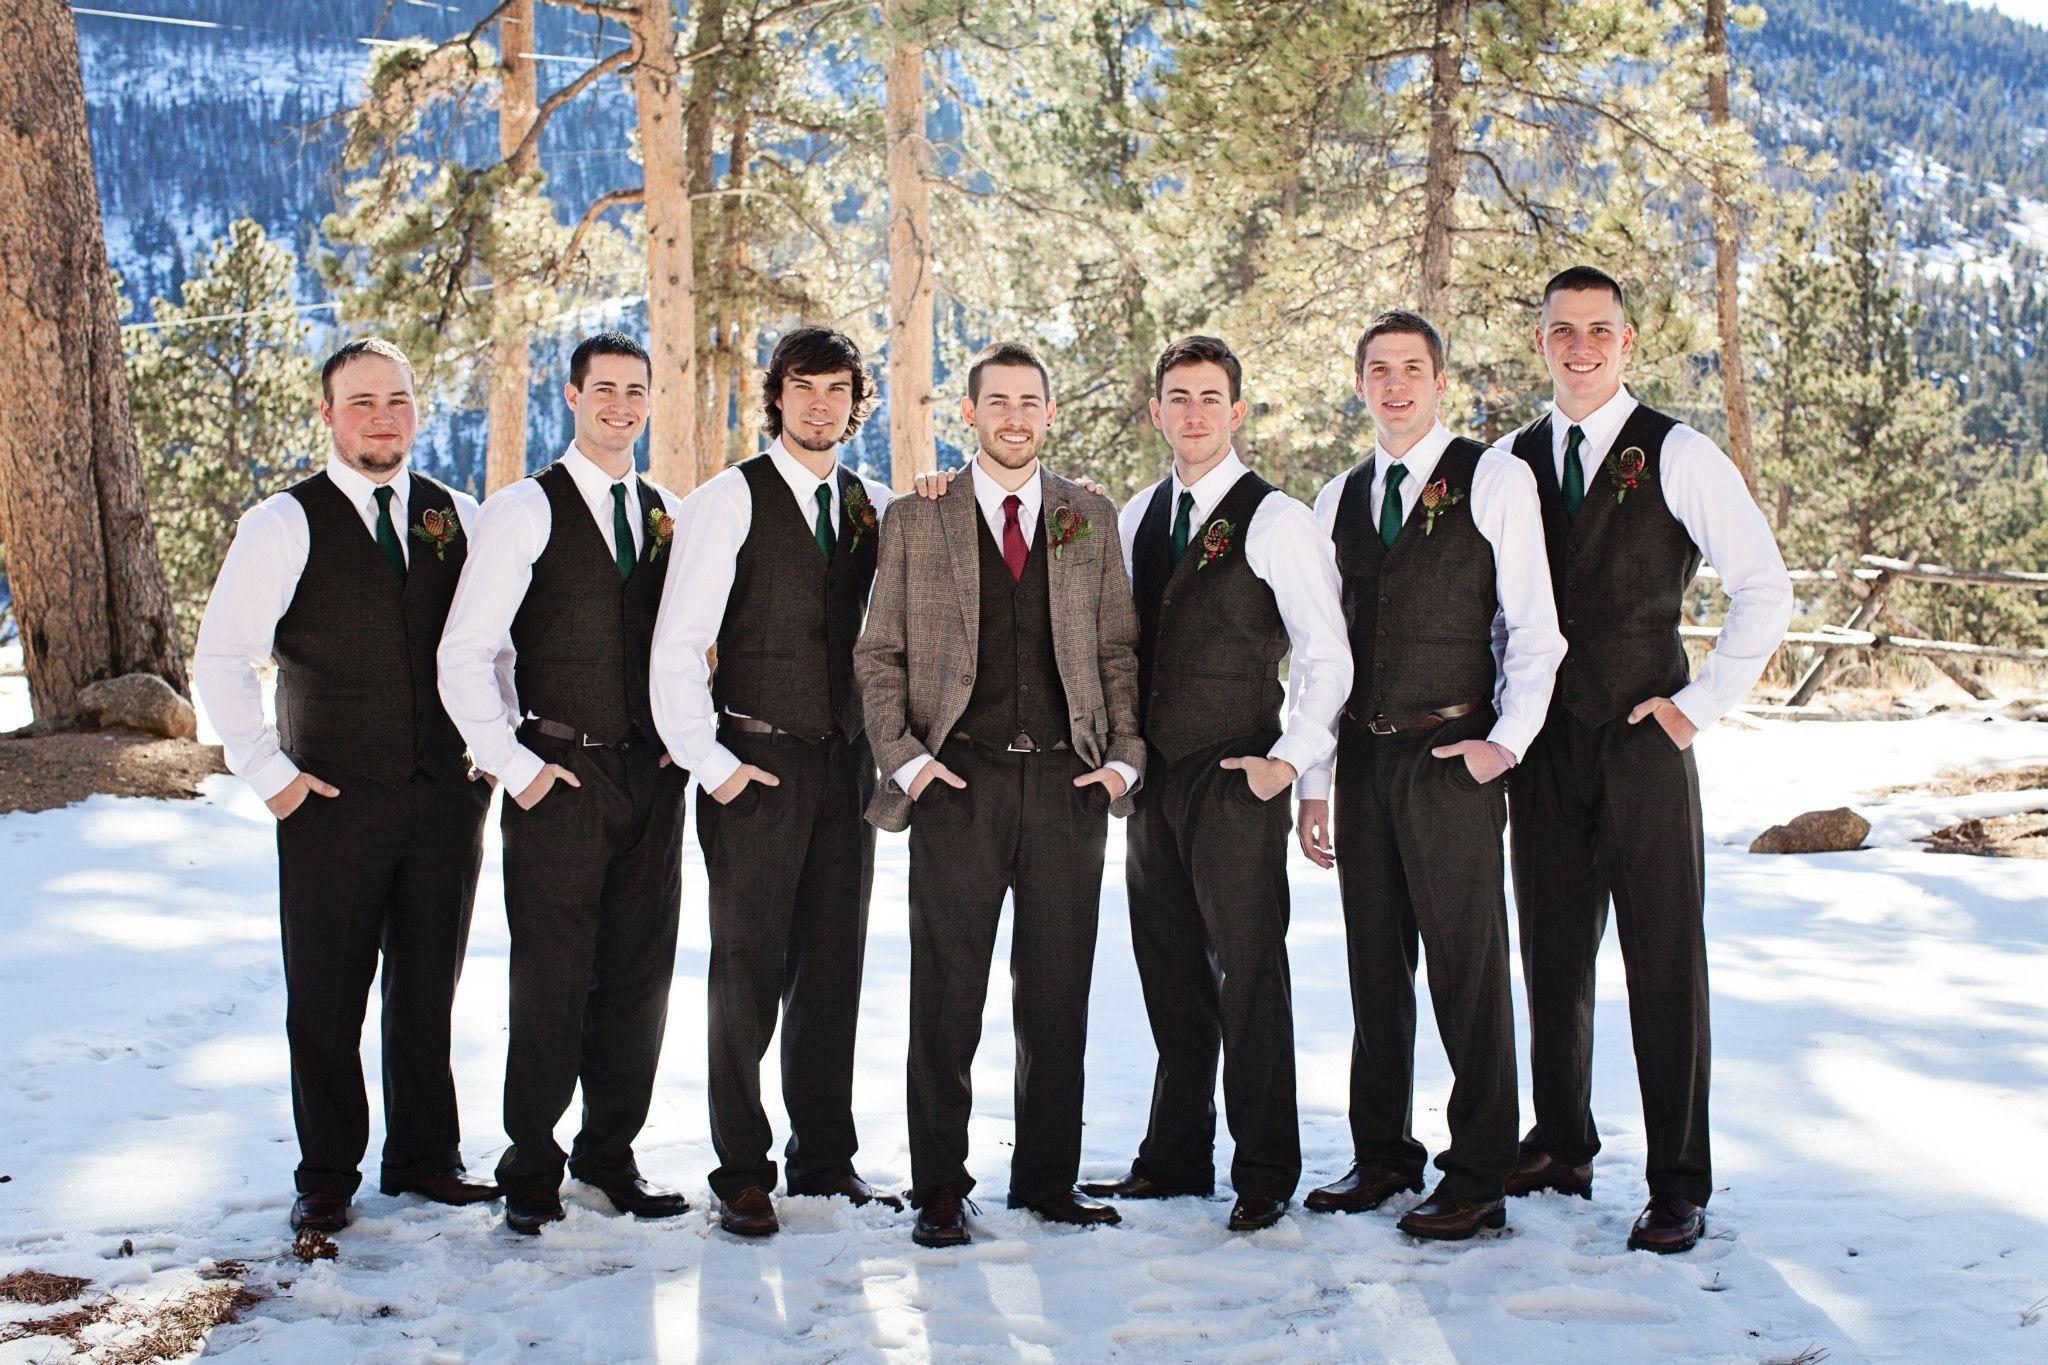 Colorado Winter Wedding Groomsmen Attire Tweed Fashion Brown